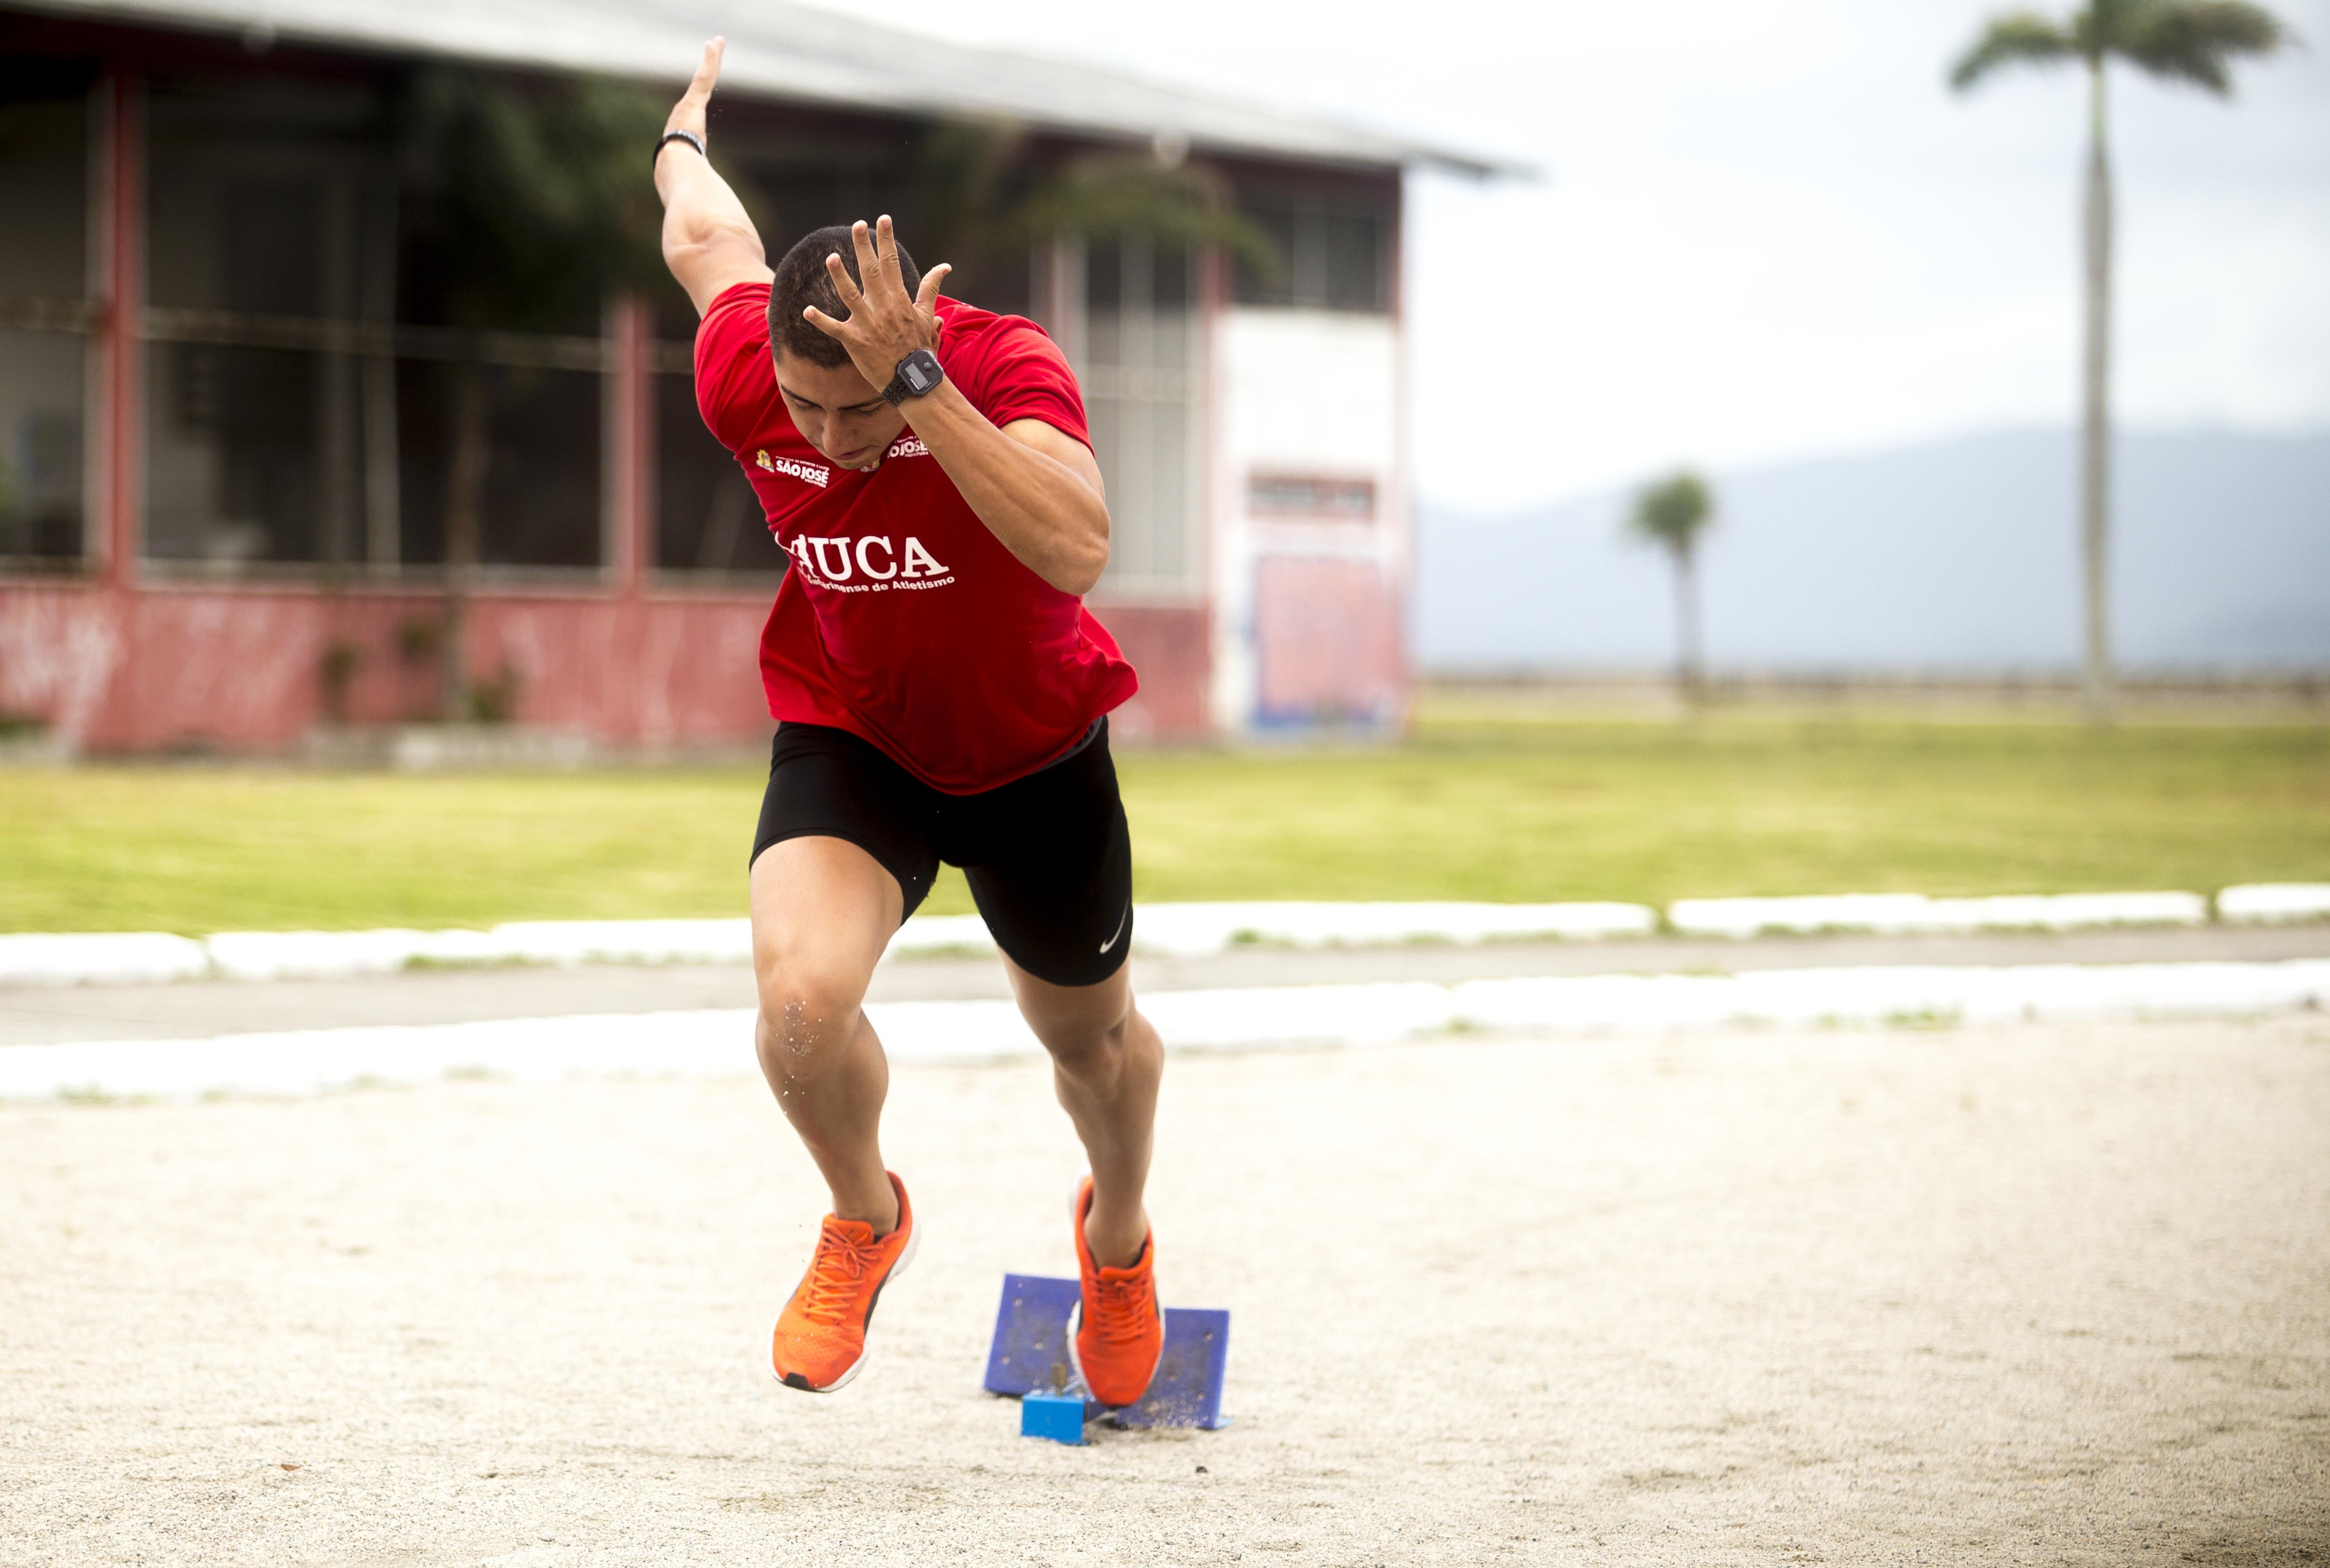 Jonatan conquistou três ouros e uma prata nos Jasc e está no Top 10 do ranking nacional dos 200m - Flávio Tin/ND